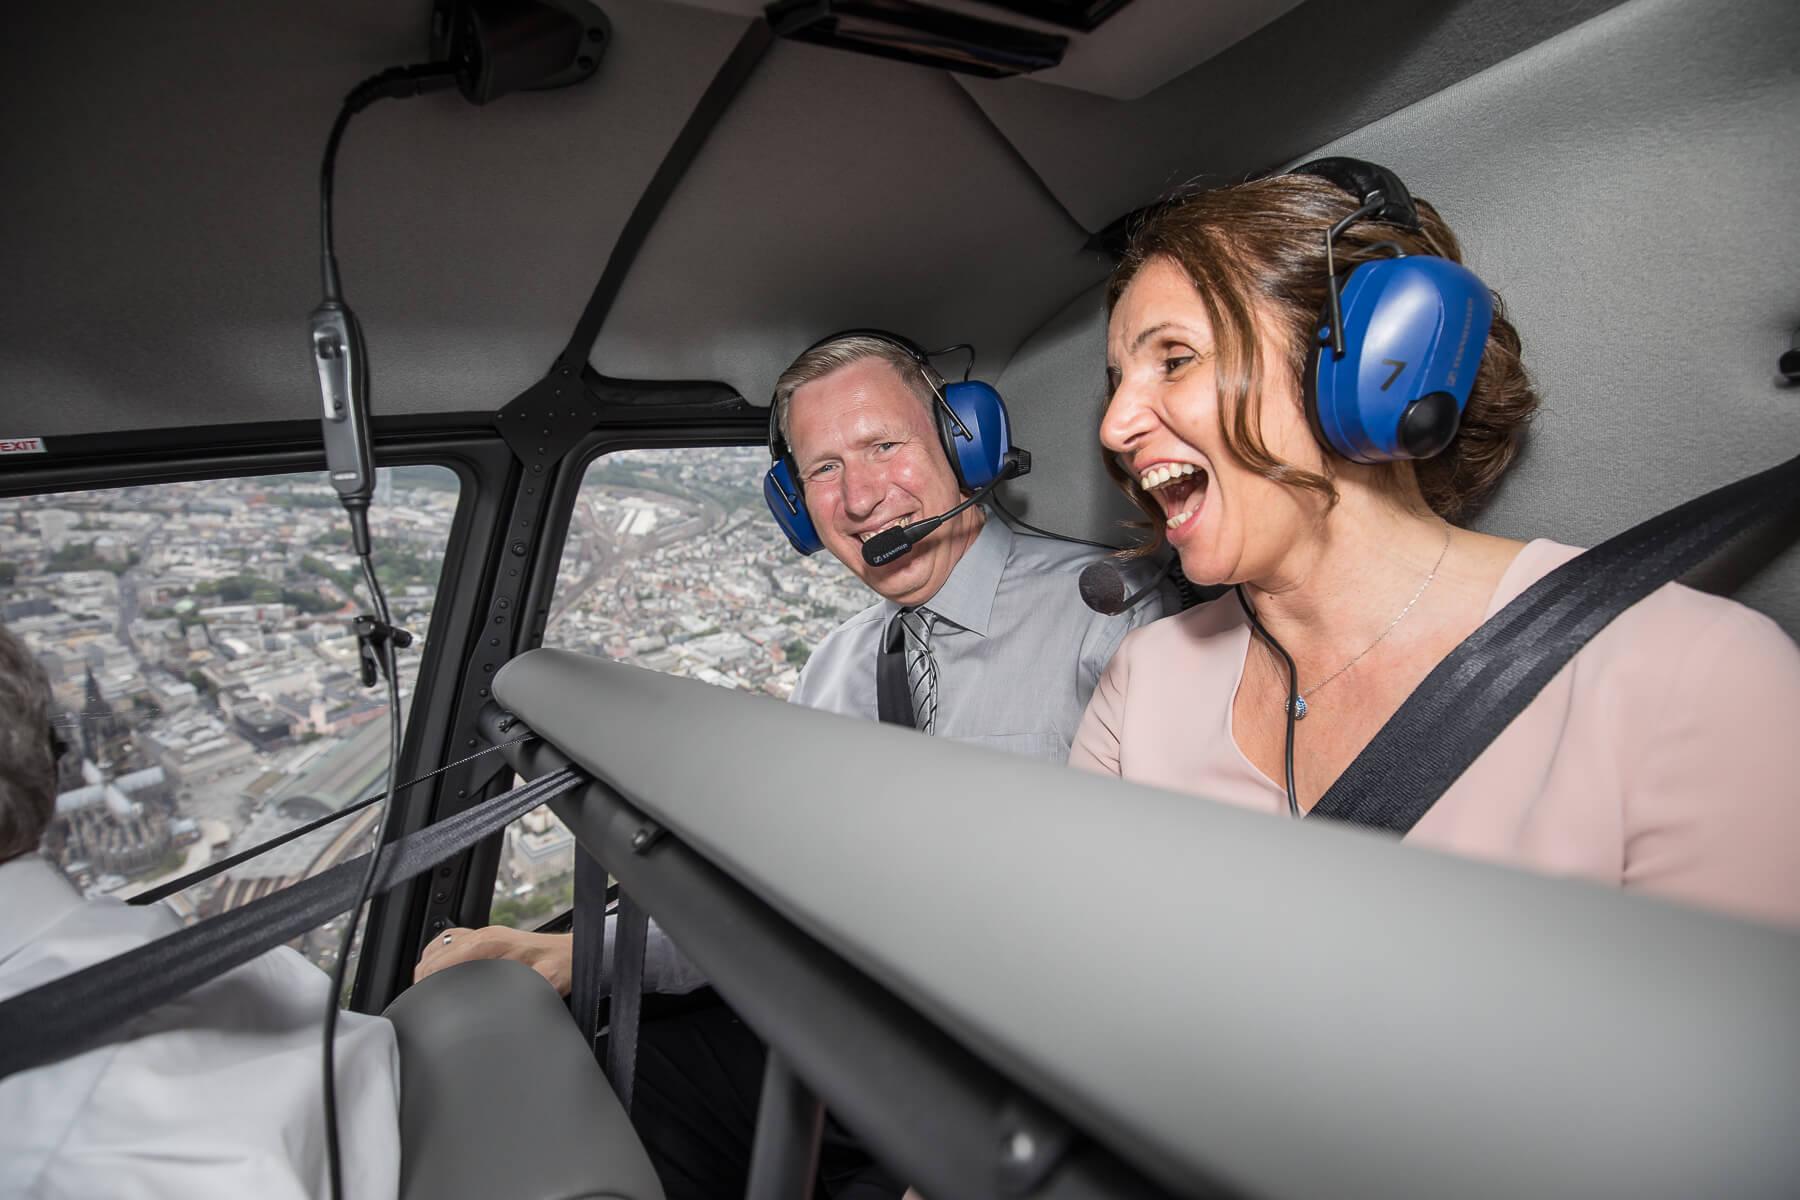 Hochzeitsreportage  Fotograf  Lufthochzeit im Hubschrauber  Hangelar 09